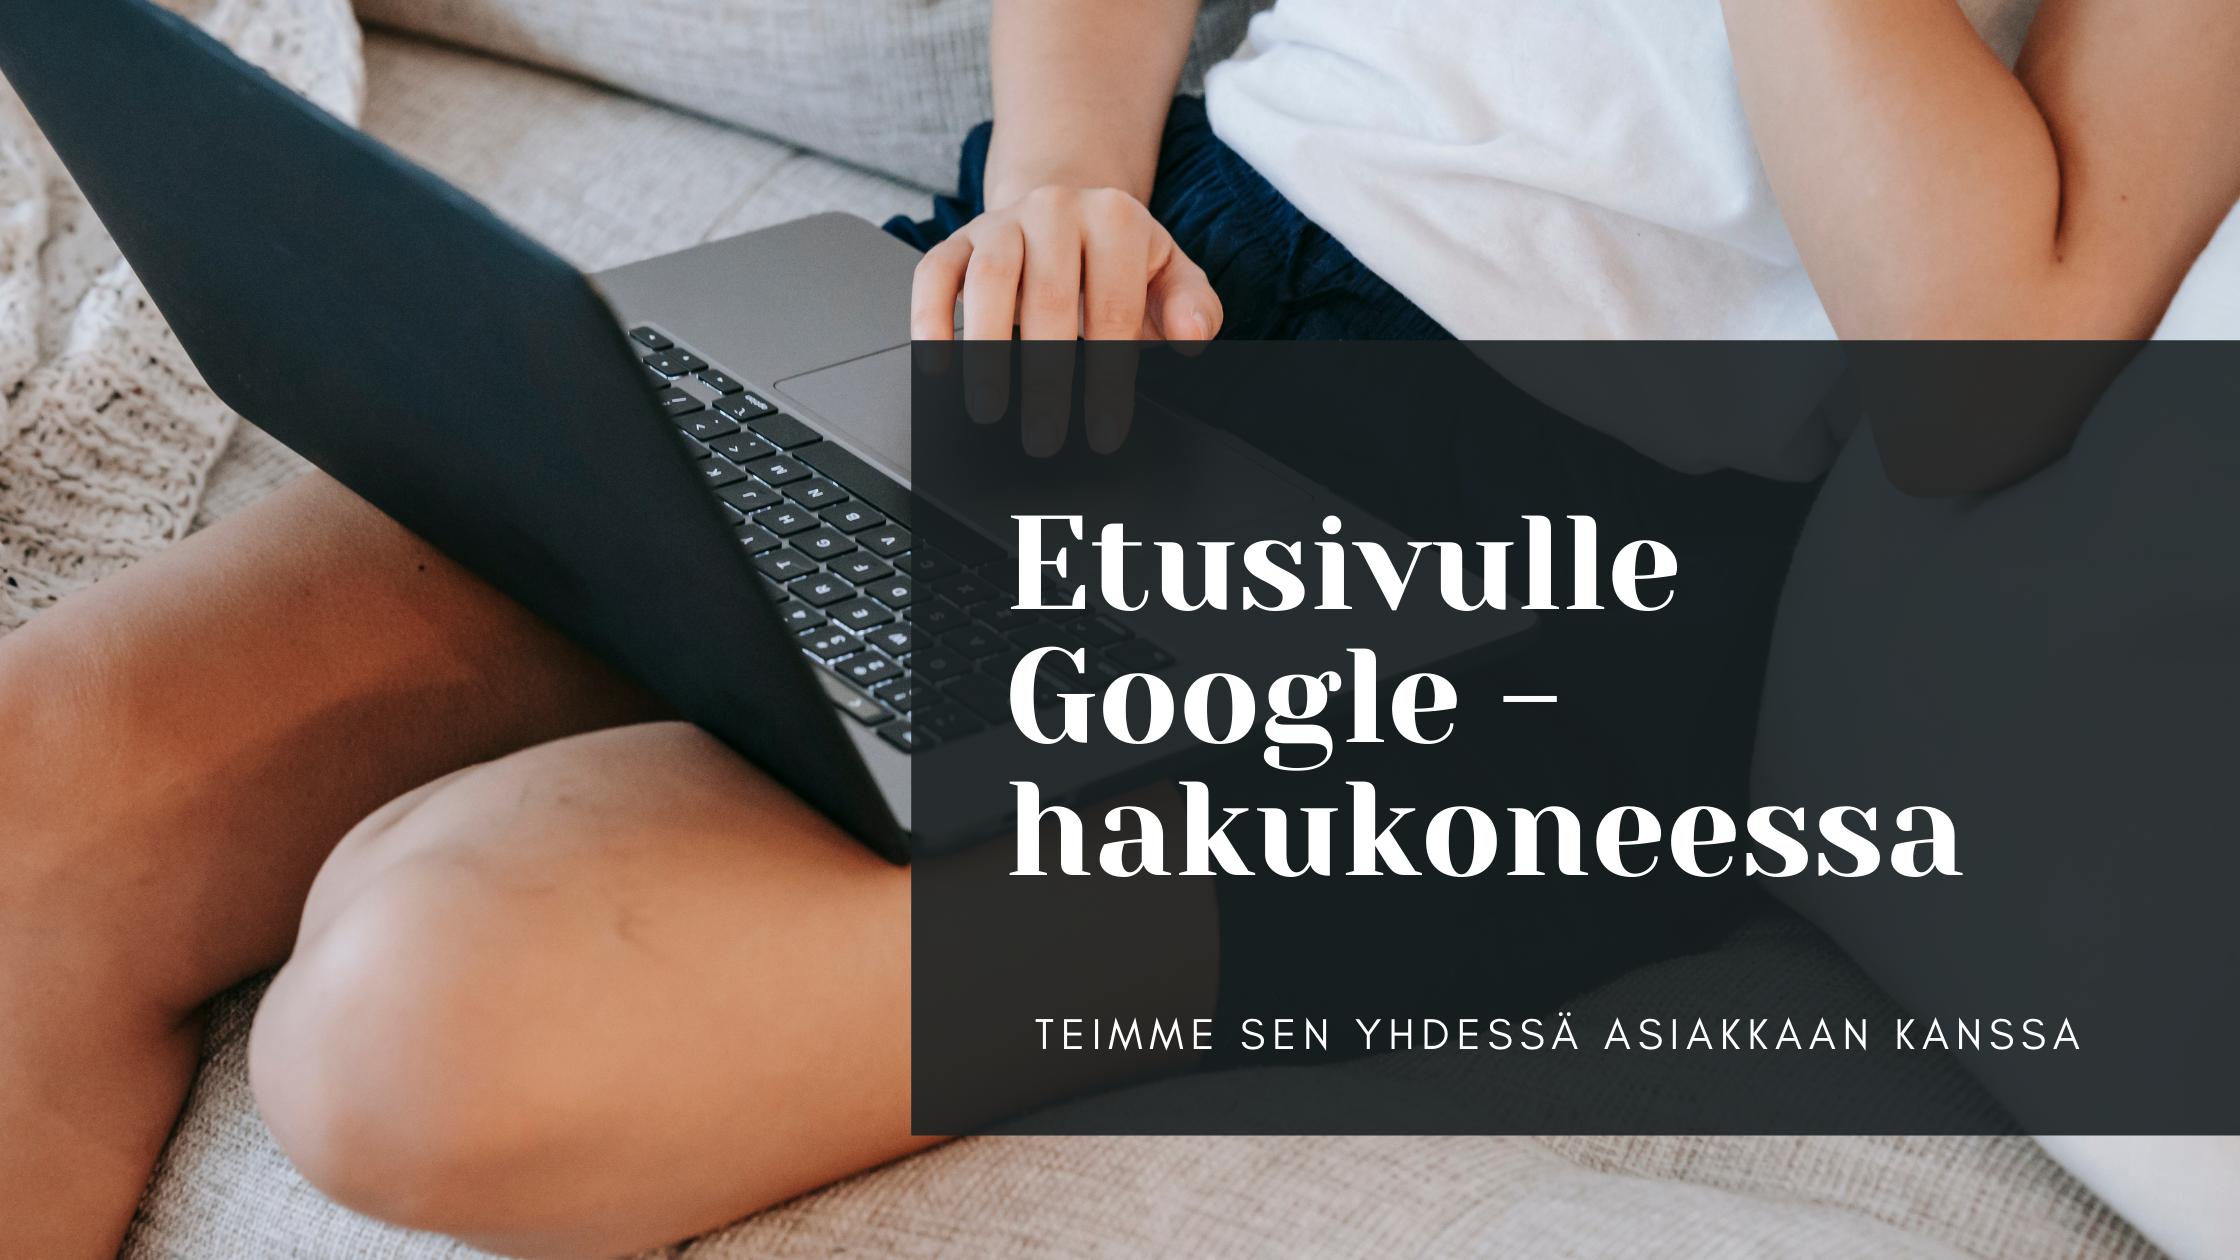 Digimarkkinointi etusivu Google